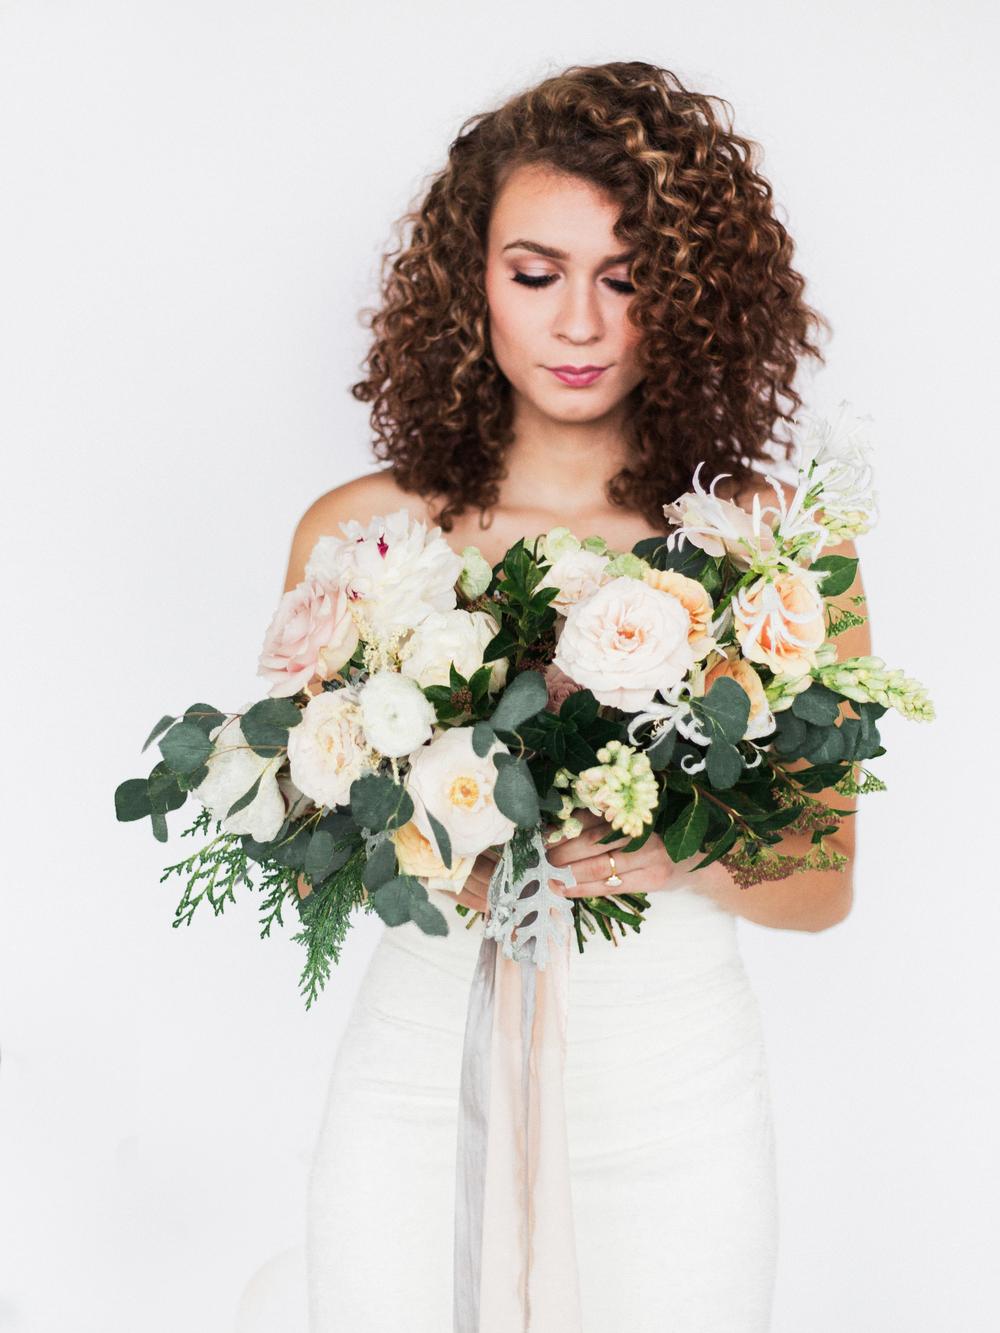 pastel wedding bouquet.jpg